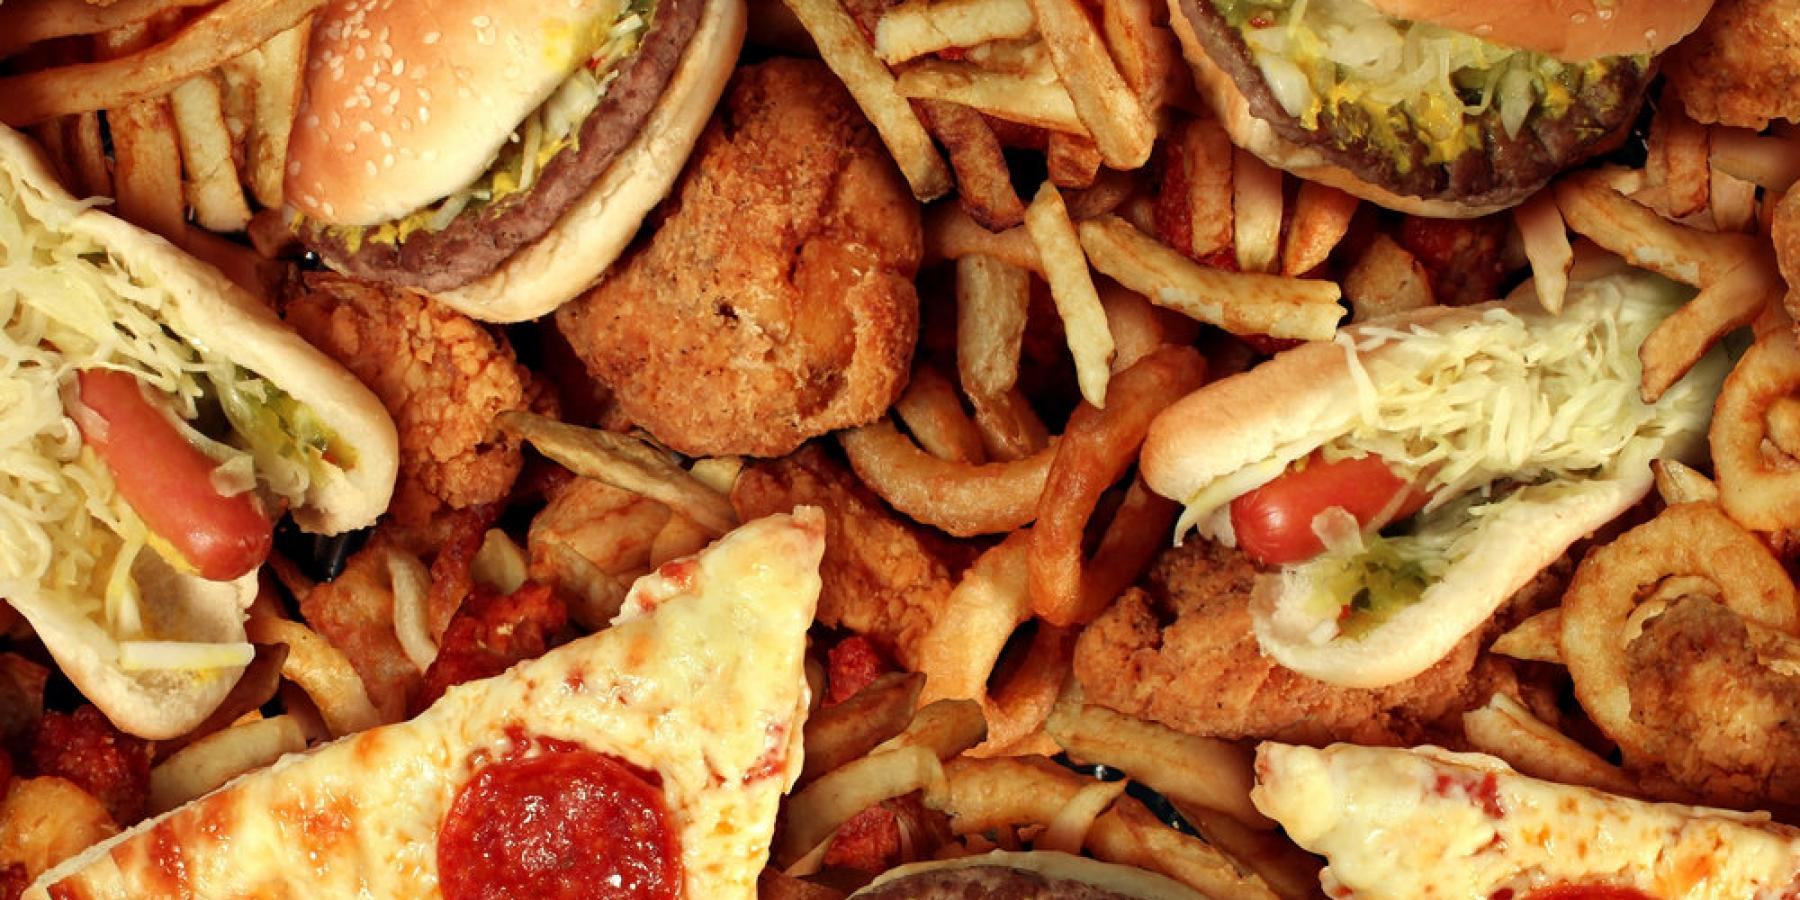 مطالعه جدید؛ تغذیه ناسالم به سرعت بر کارایی افراد تاثیر میگذارد